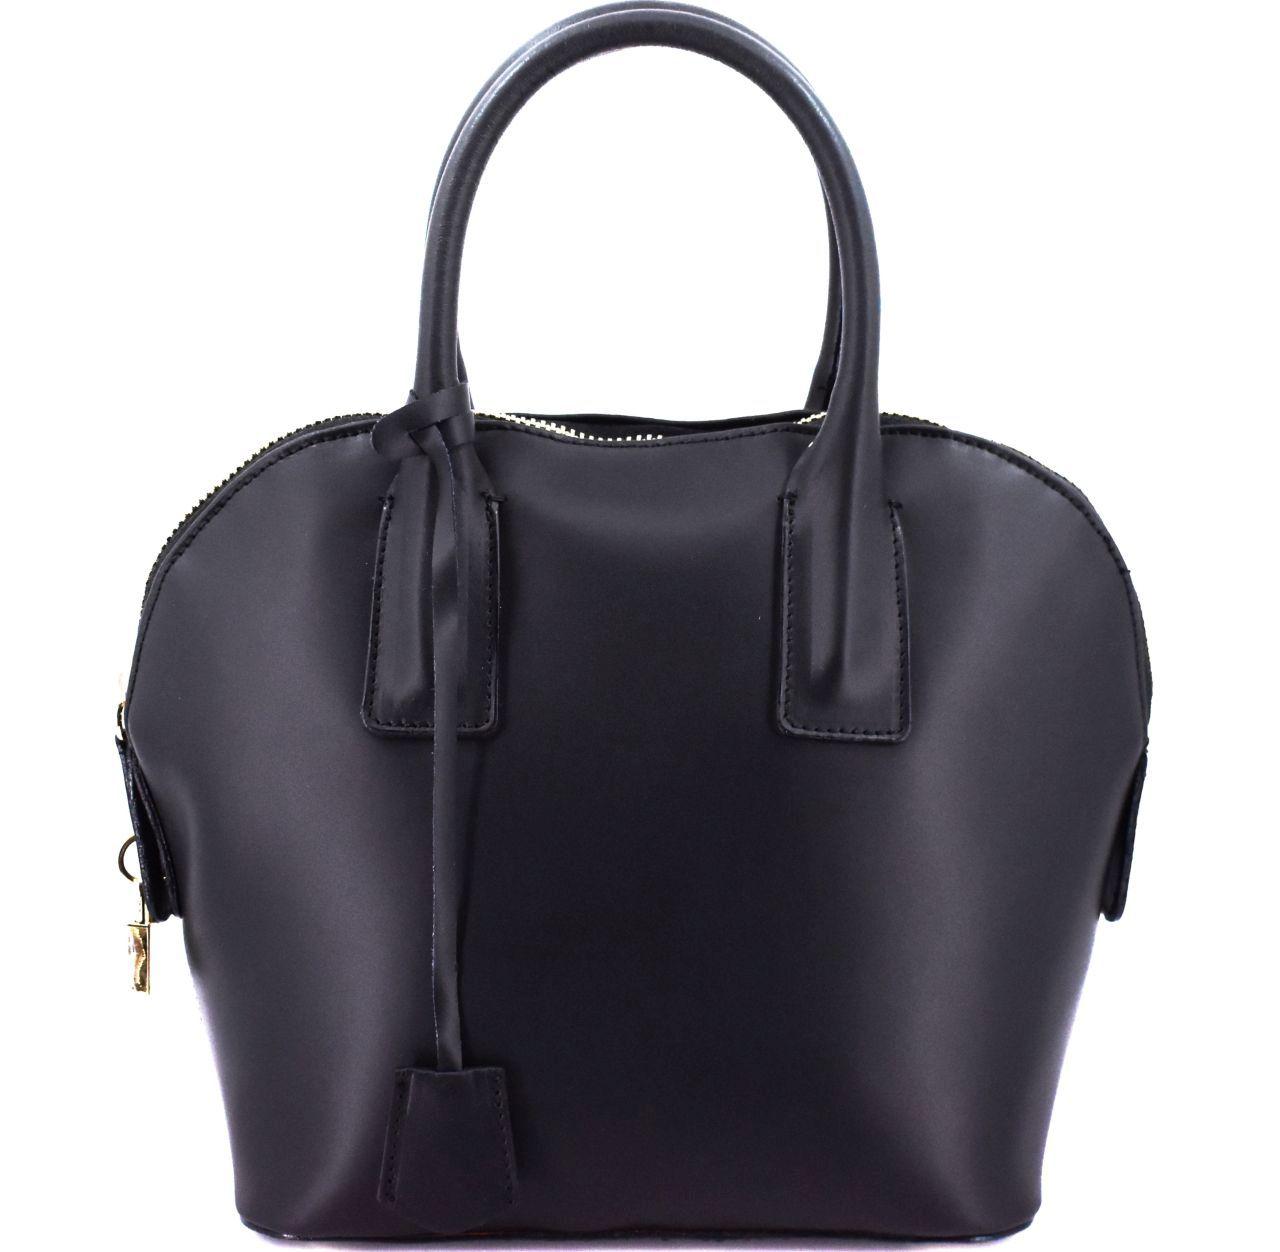 Dámská kožená kabelka Arteddy - černá 32400